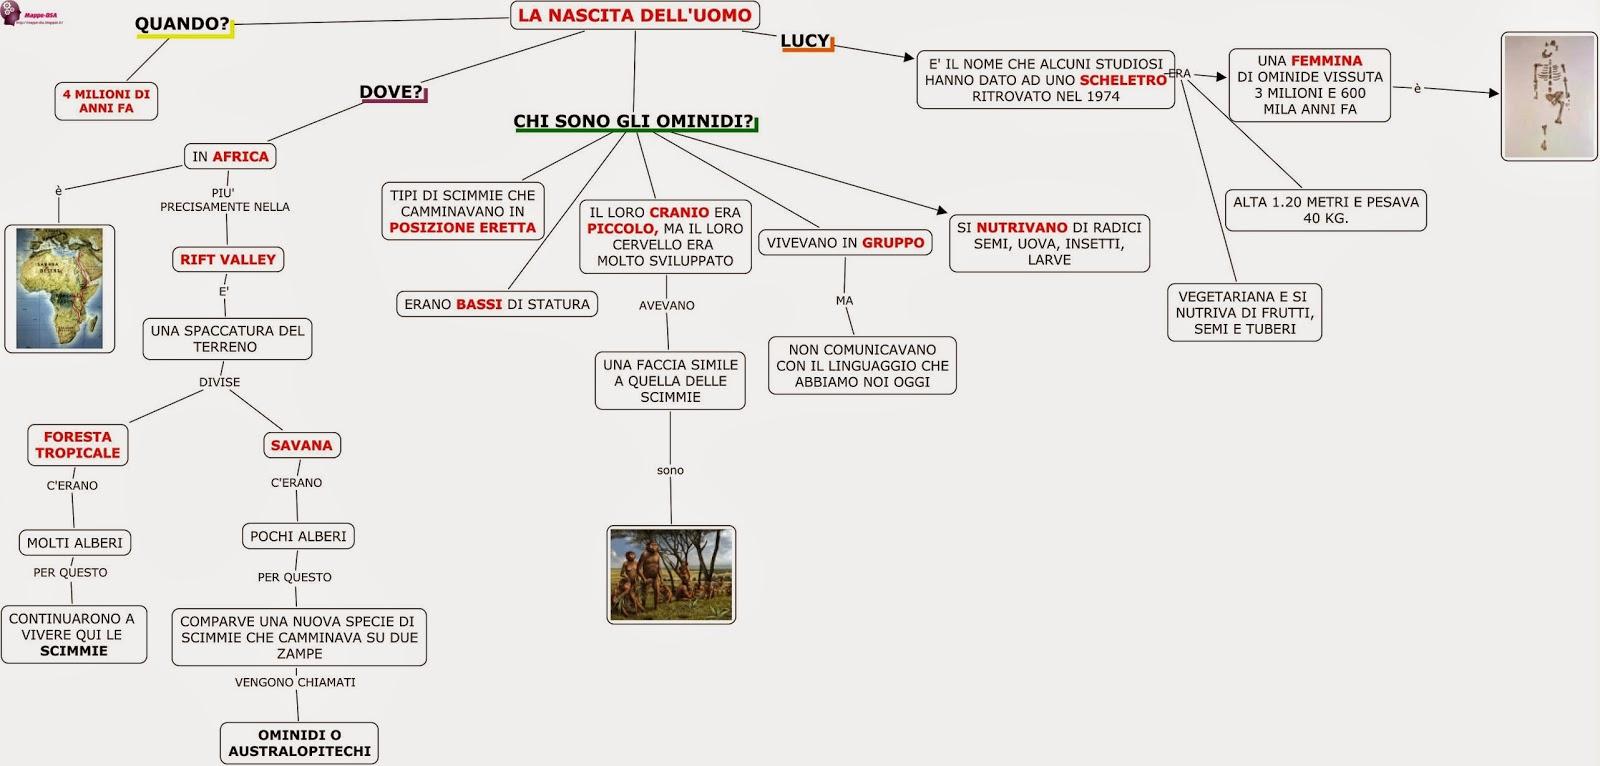 mappa dsa storia nascita dell'uomo lucy